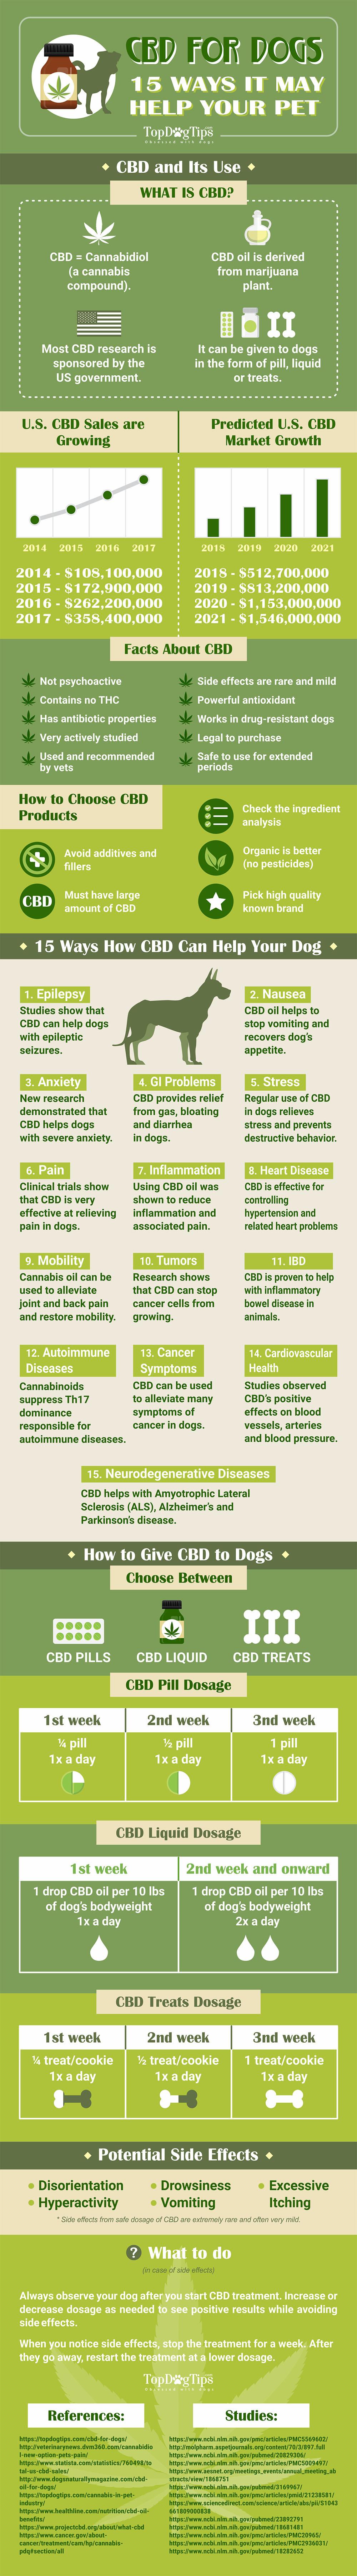 15 façons d'aider les animaux domestiques et comment l'utiliser [Infographic]  – Médaille personalisée